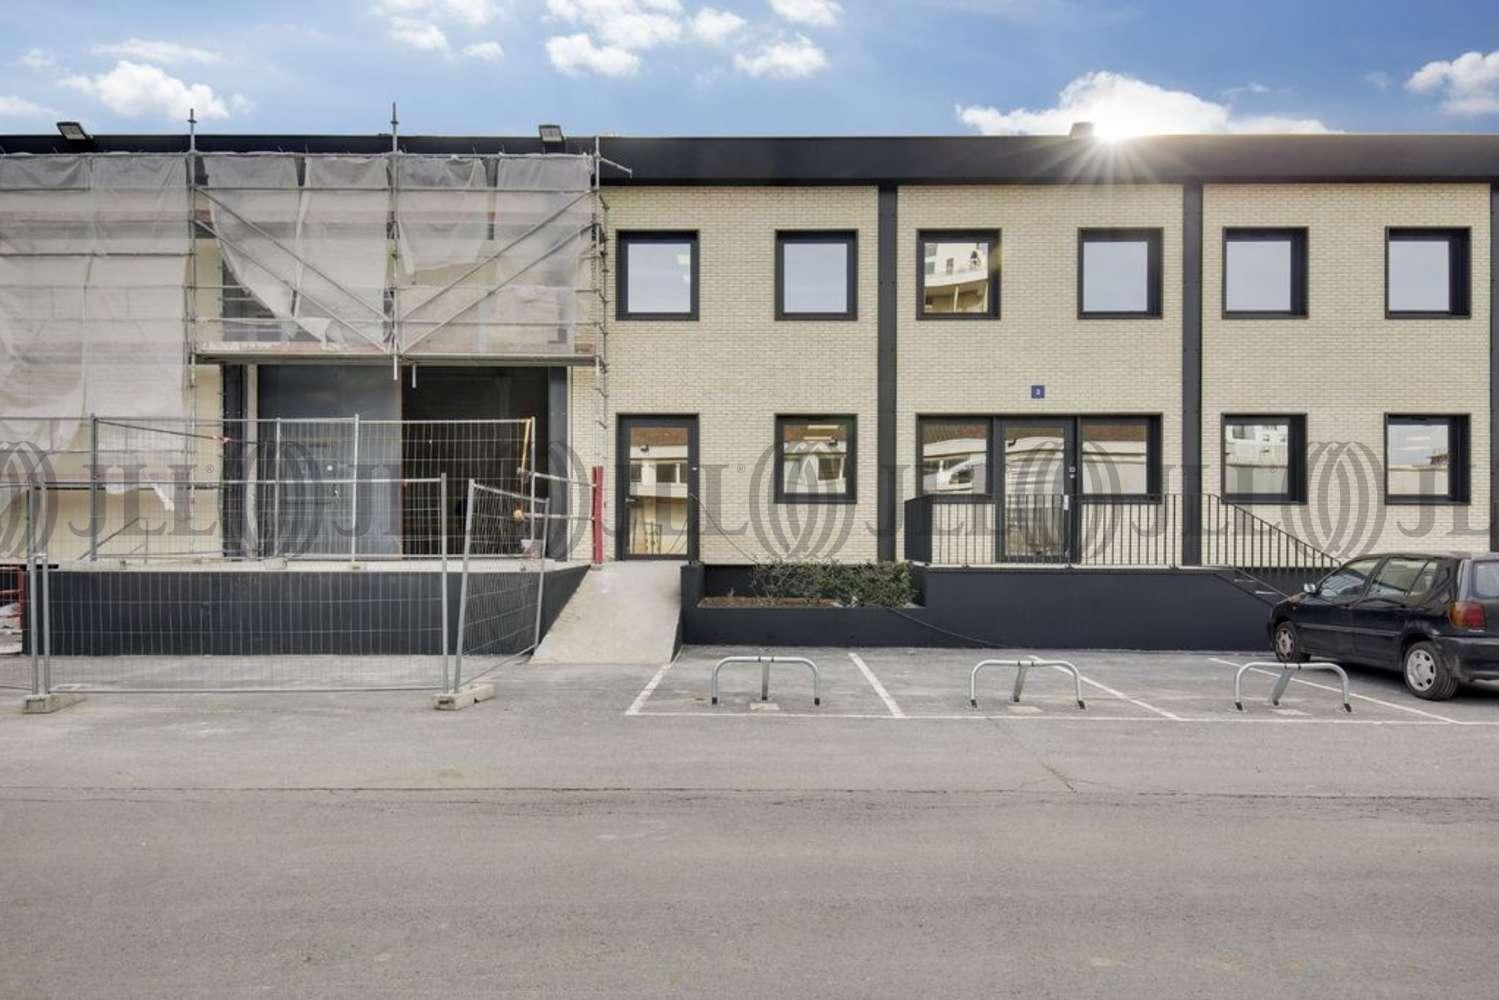 Activités/entrepôt Aubervilliers, 93300 - PARC DES PORTES DE PARIS - BAT. 211 - 10917818